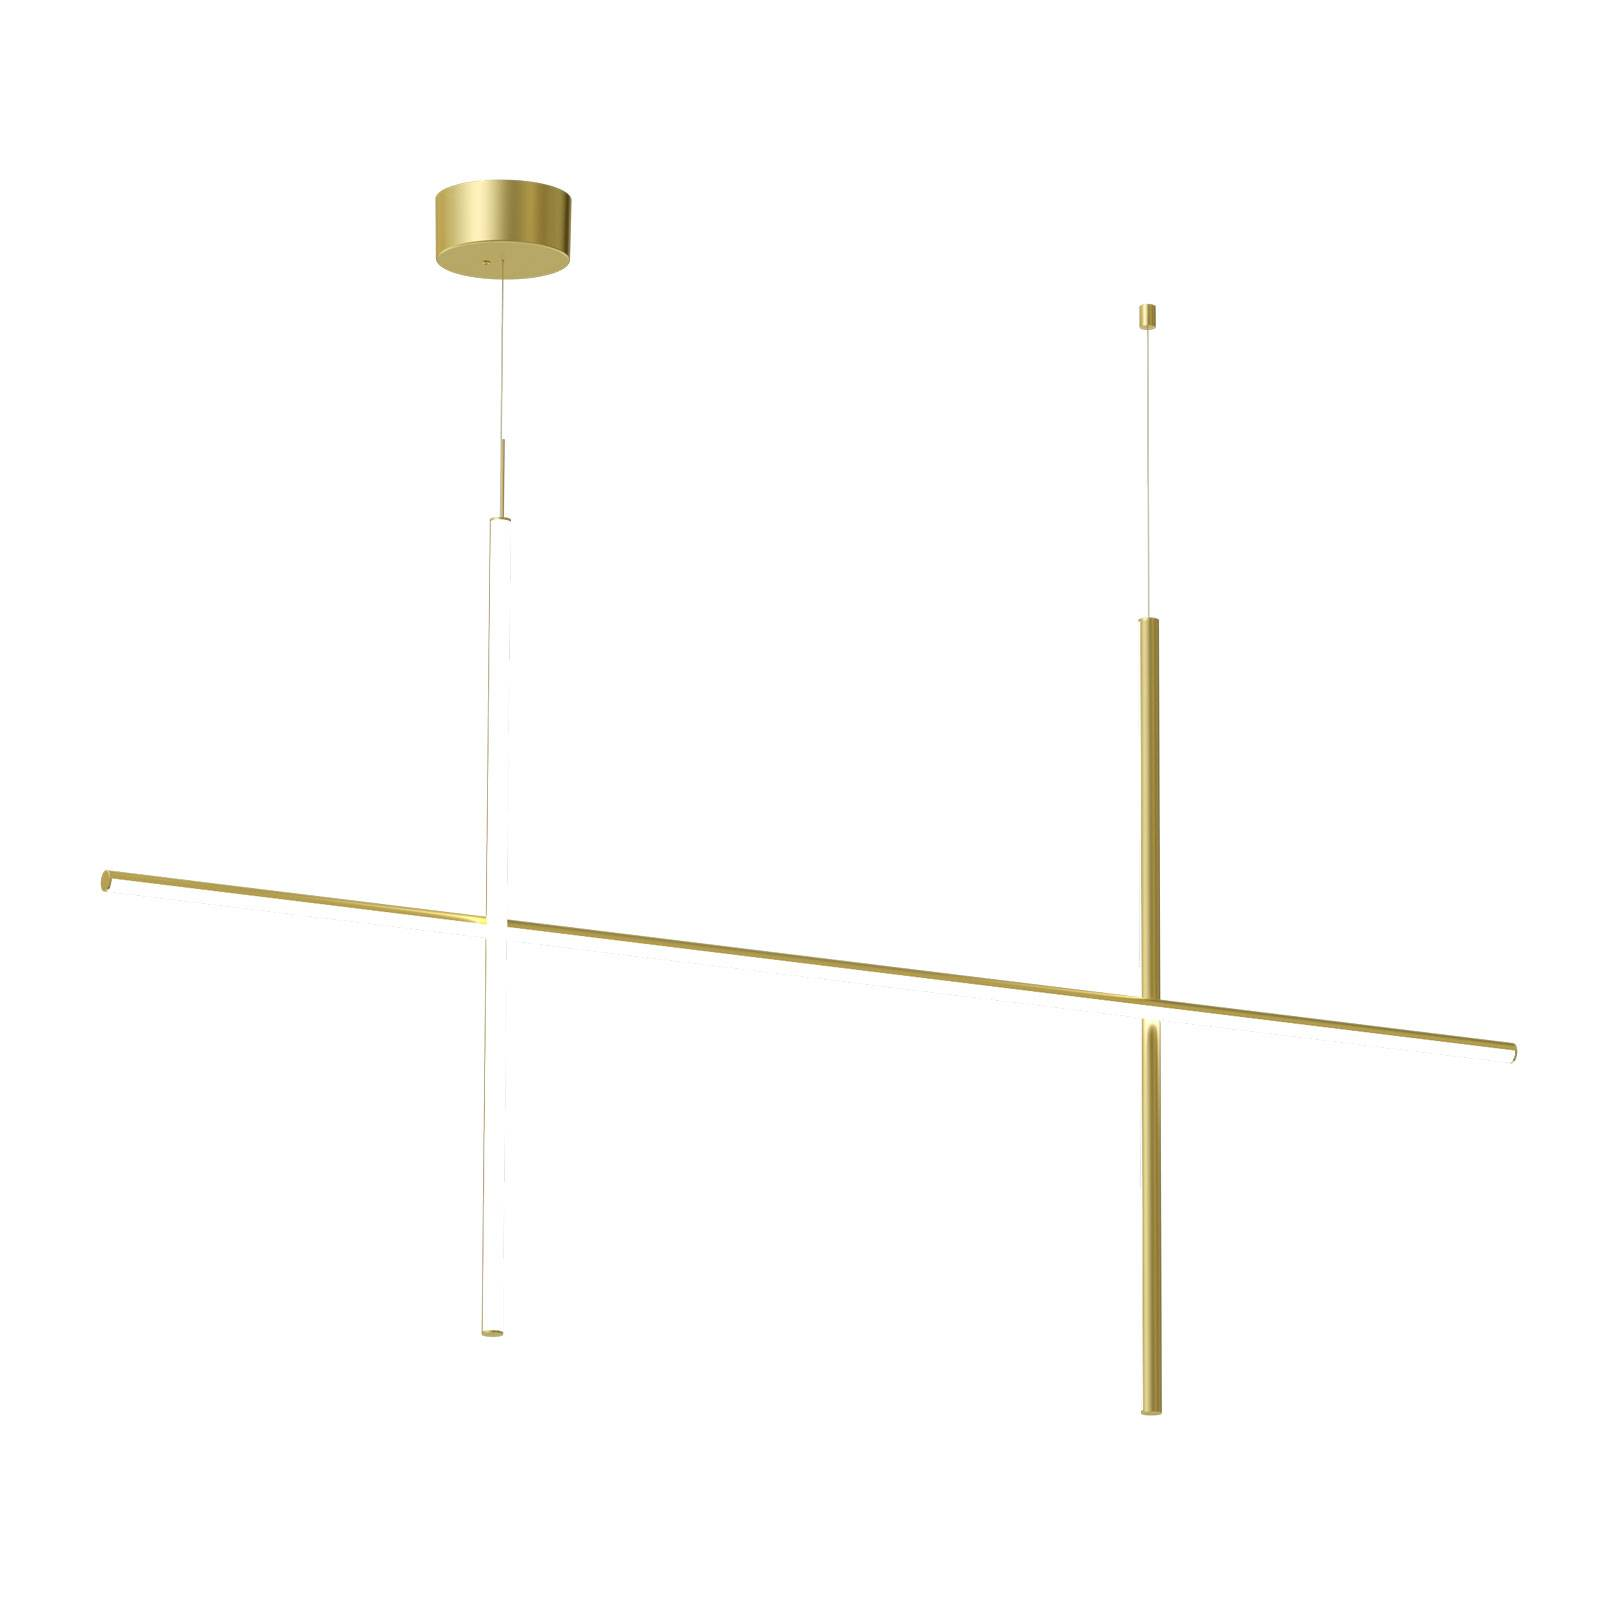 FLOS Coordinates S2 LED-Hängeleuchte Höhe 92,2 cm